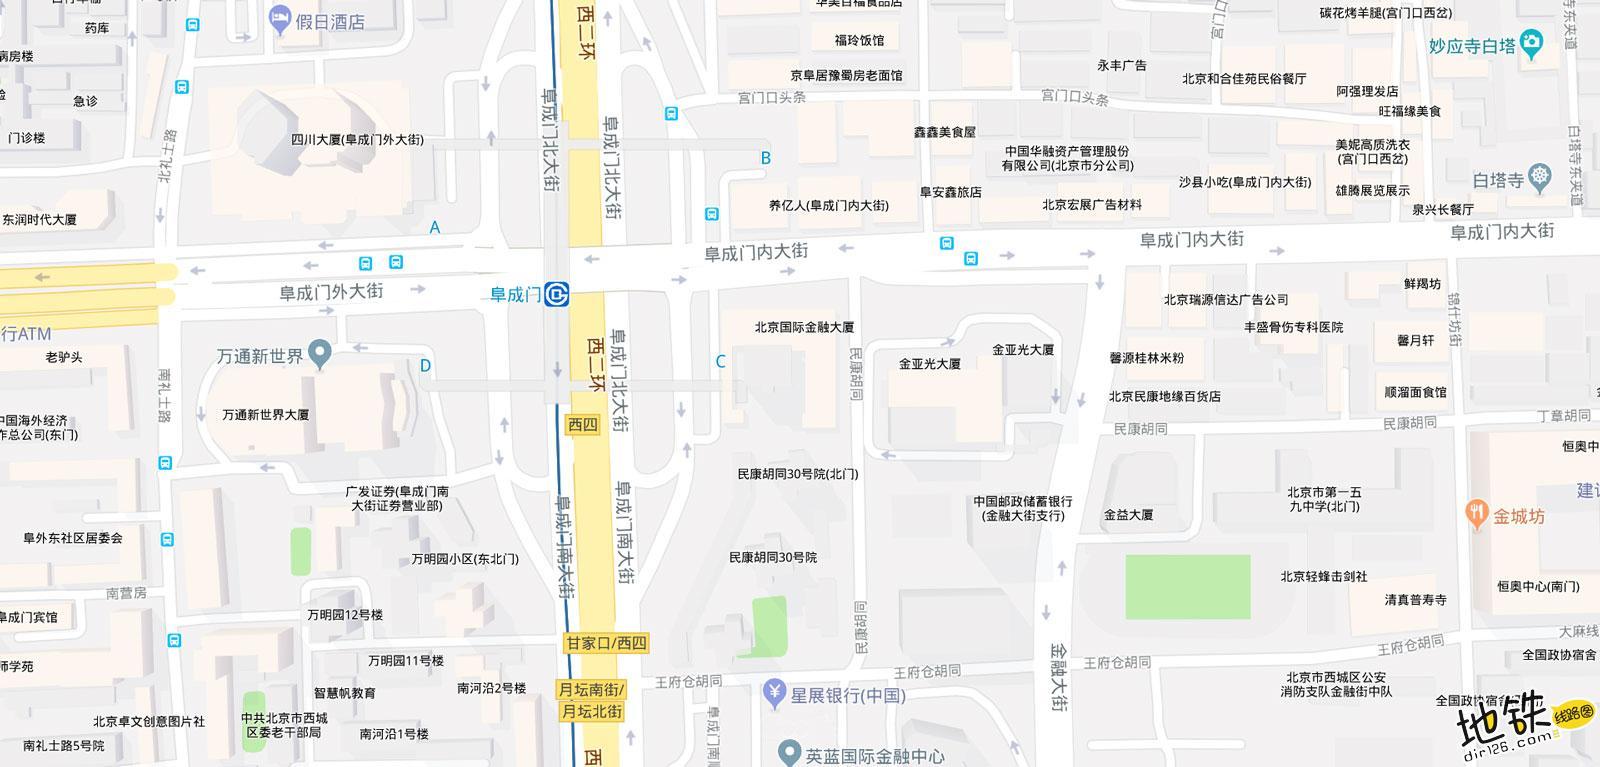 阜成门地铁站 北京地铁阜成门站出入口 地图信息查询  北京地铁站  第2张